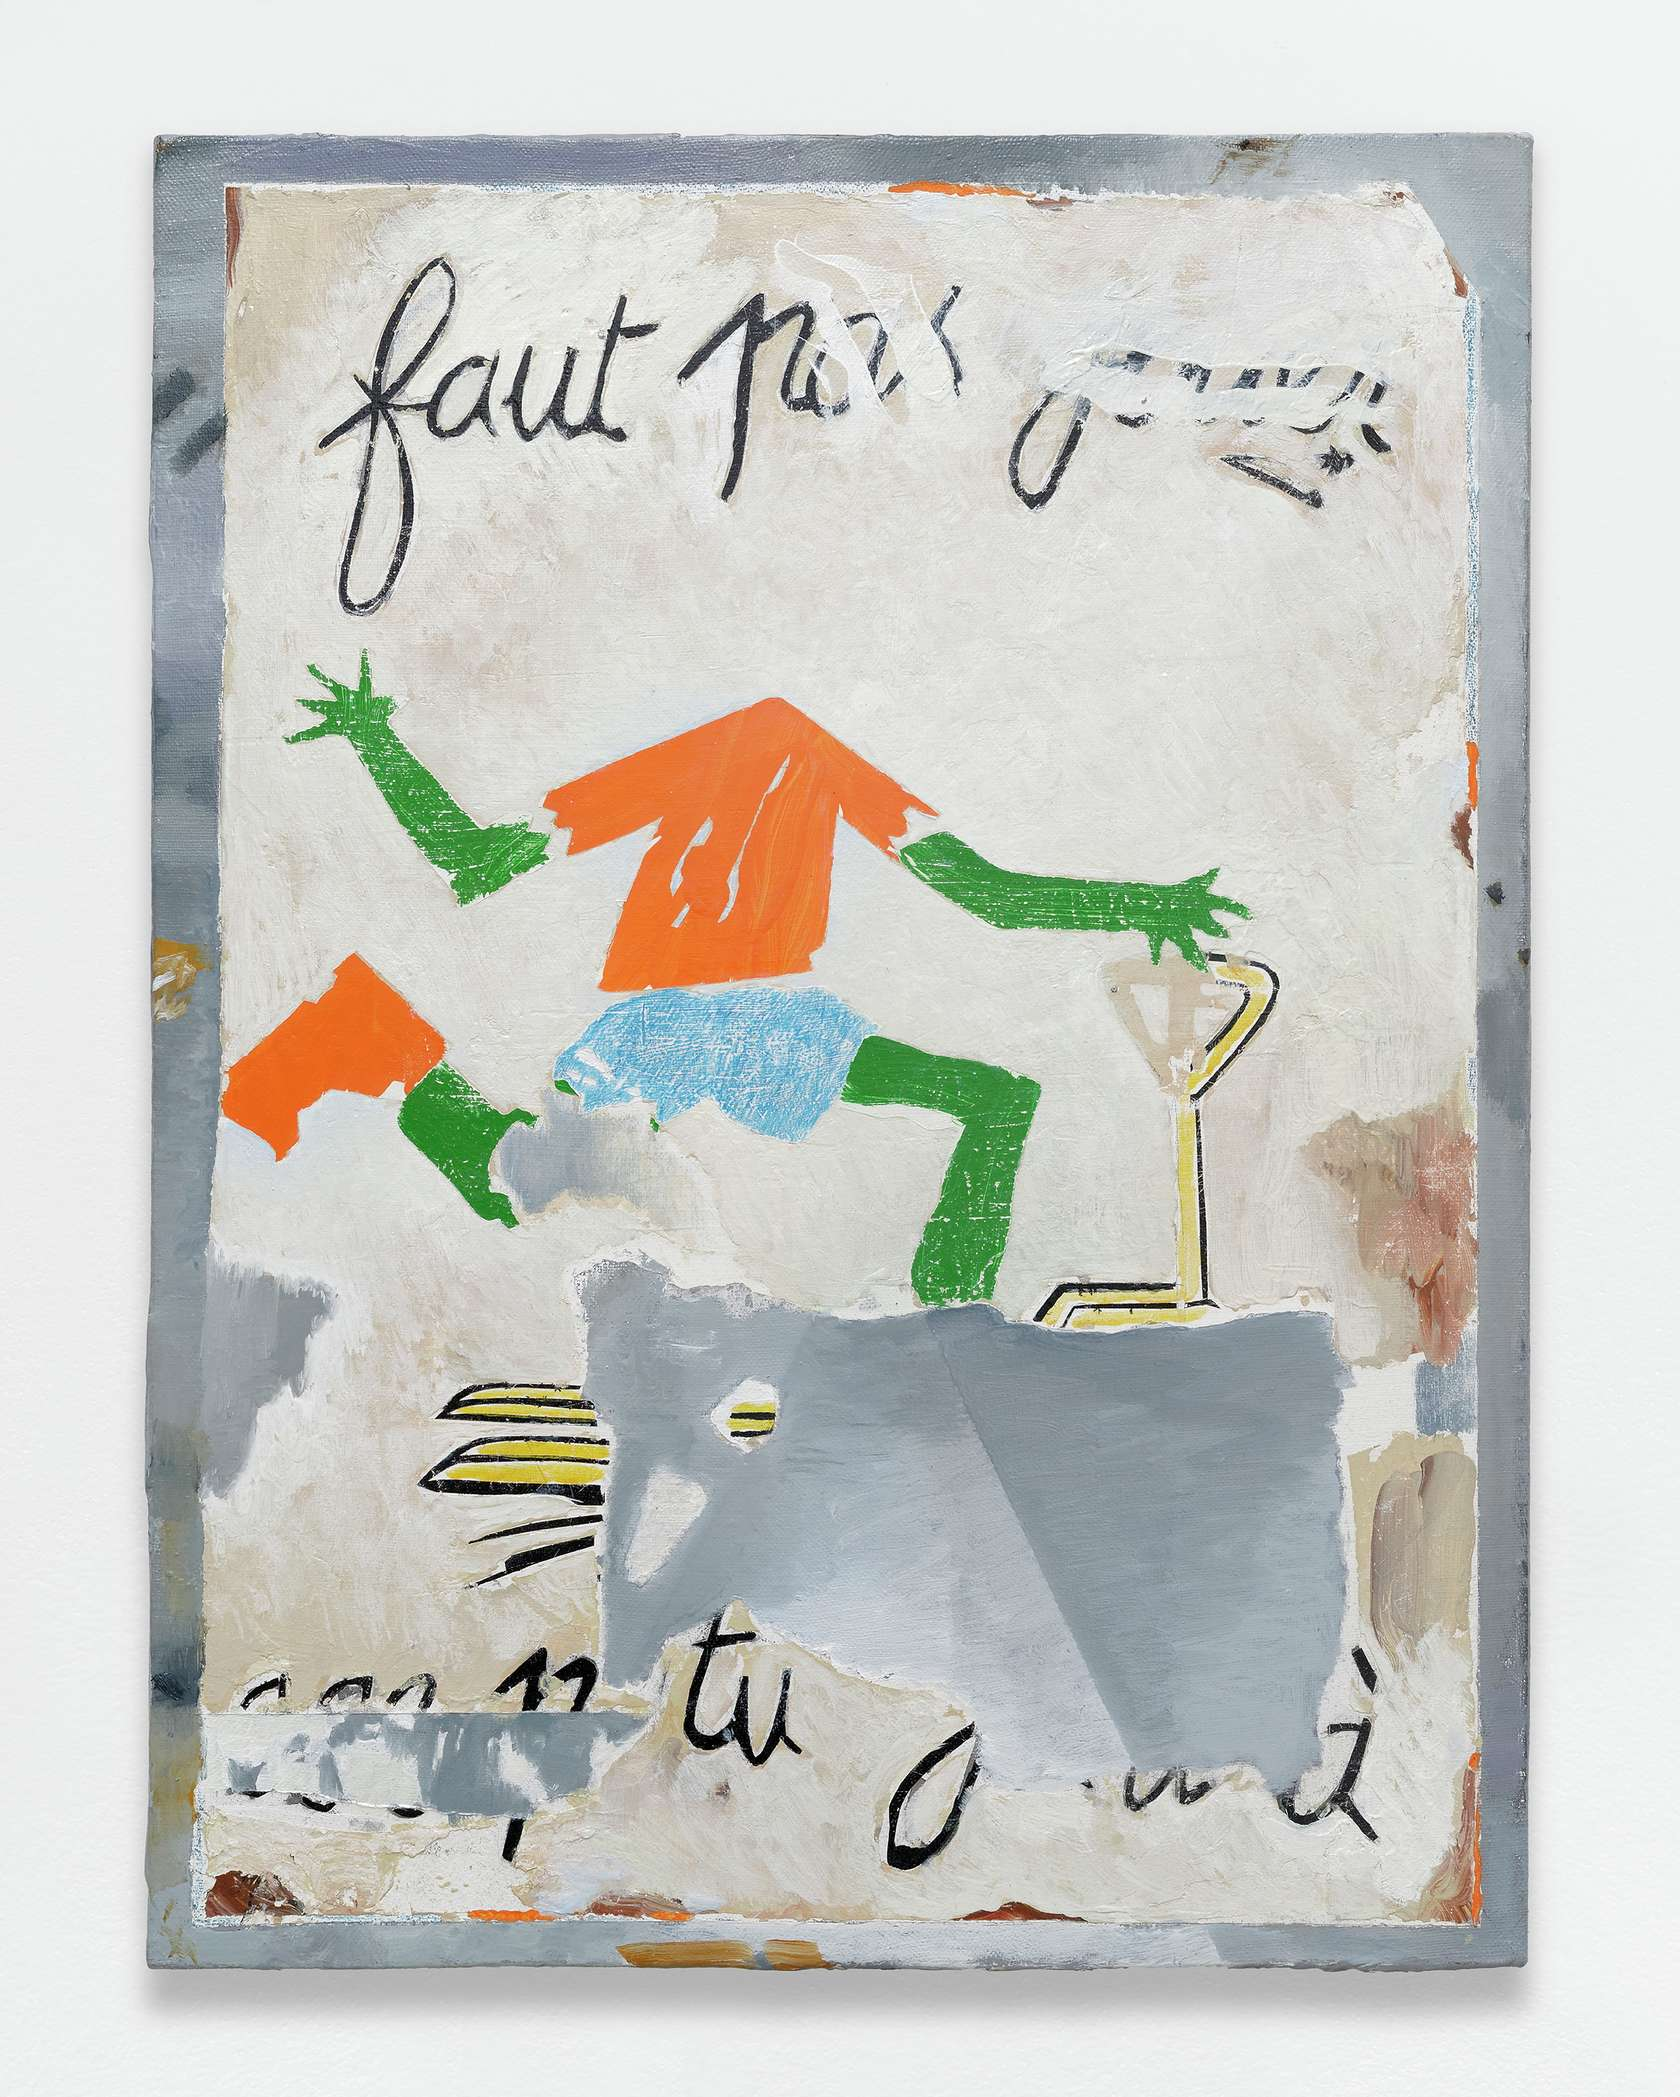 Laurent Proux, Faut pas, 2017 Huile sur toile61.5 × 46 cm / 24 2/8 × 18 1/8 in.